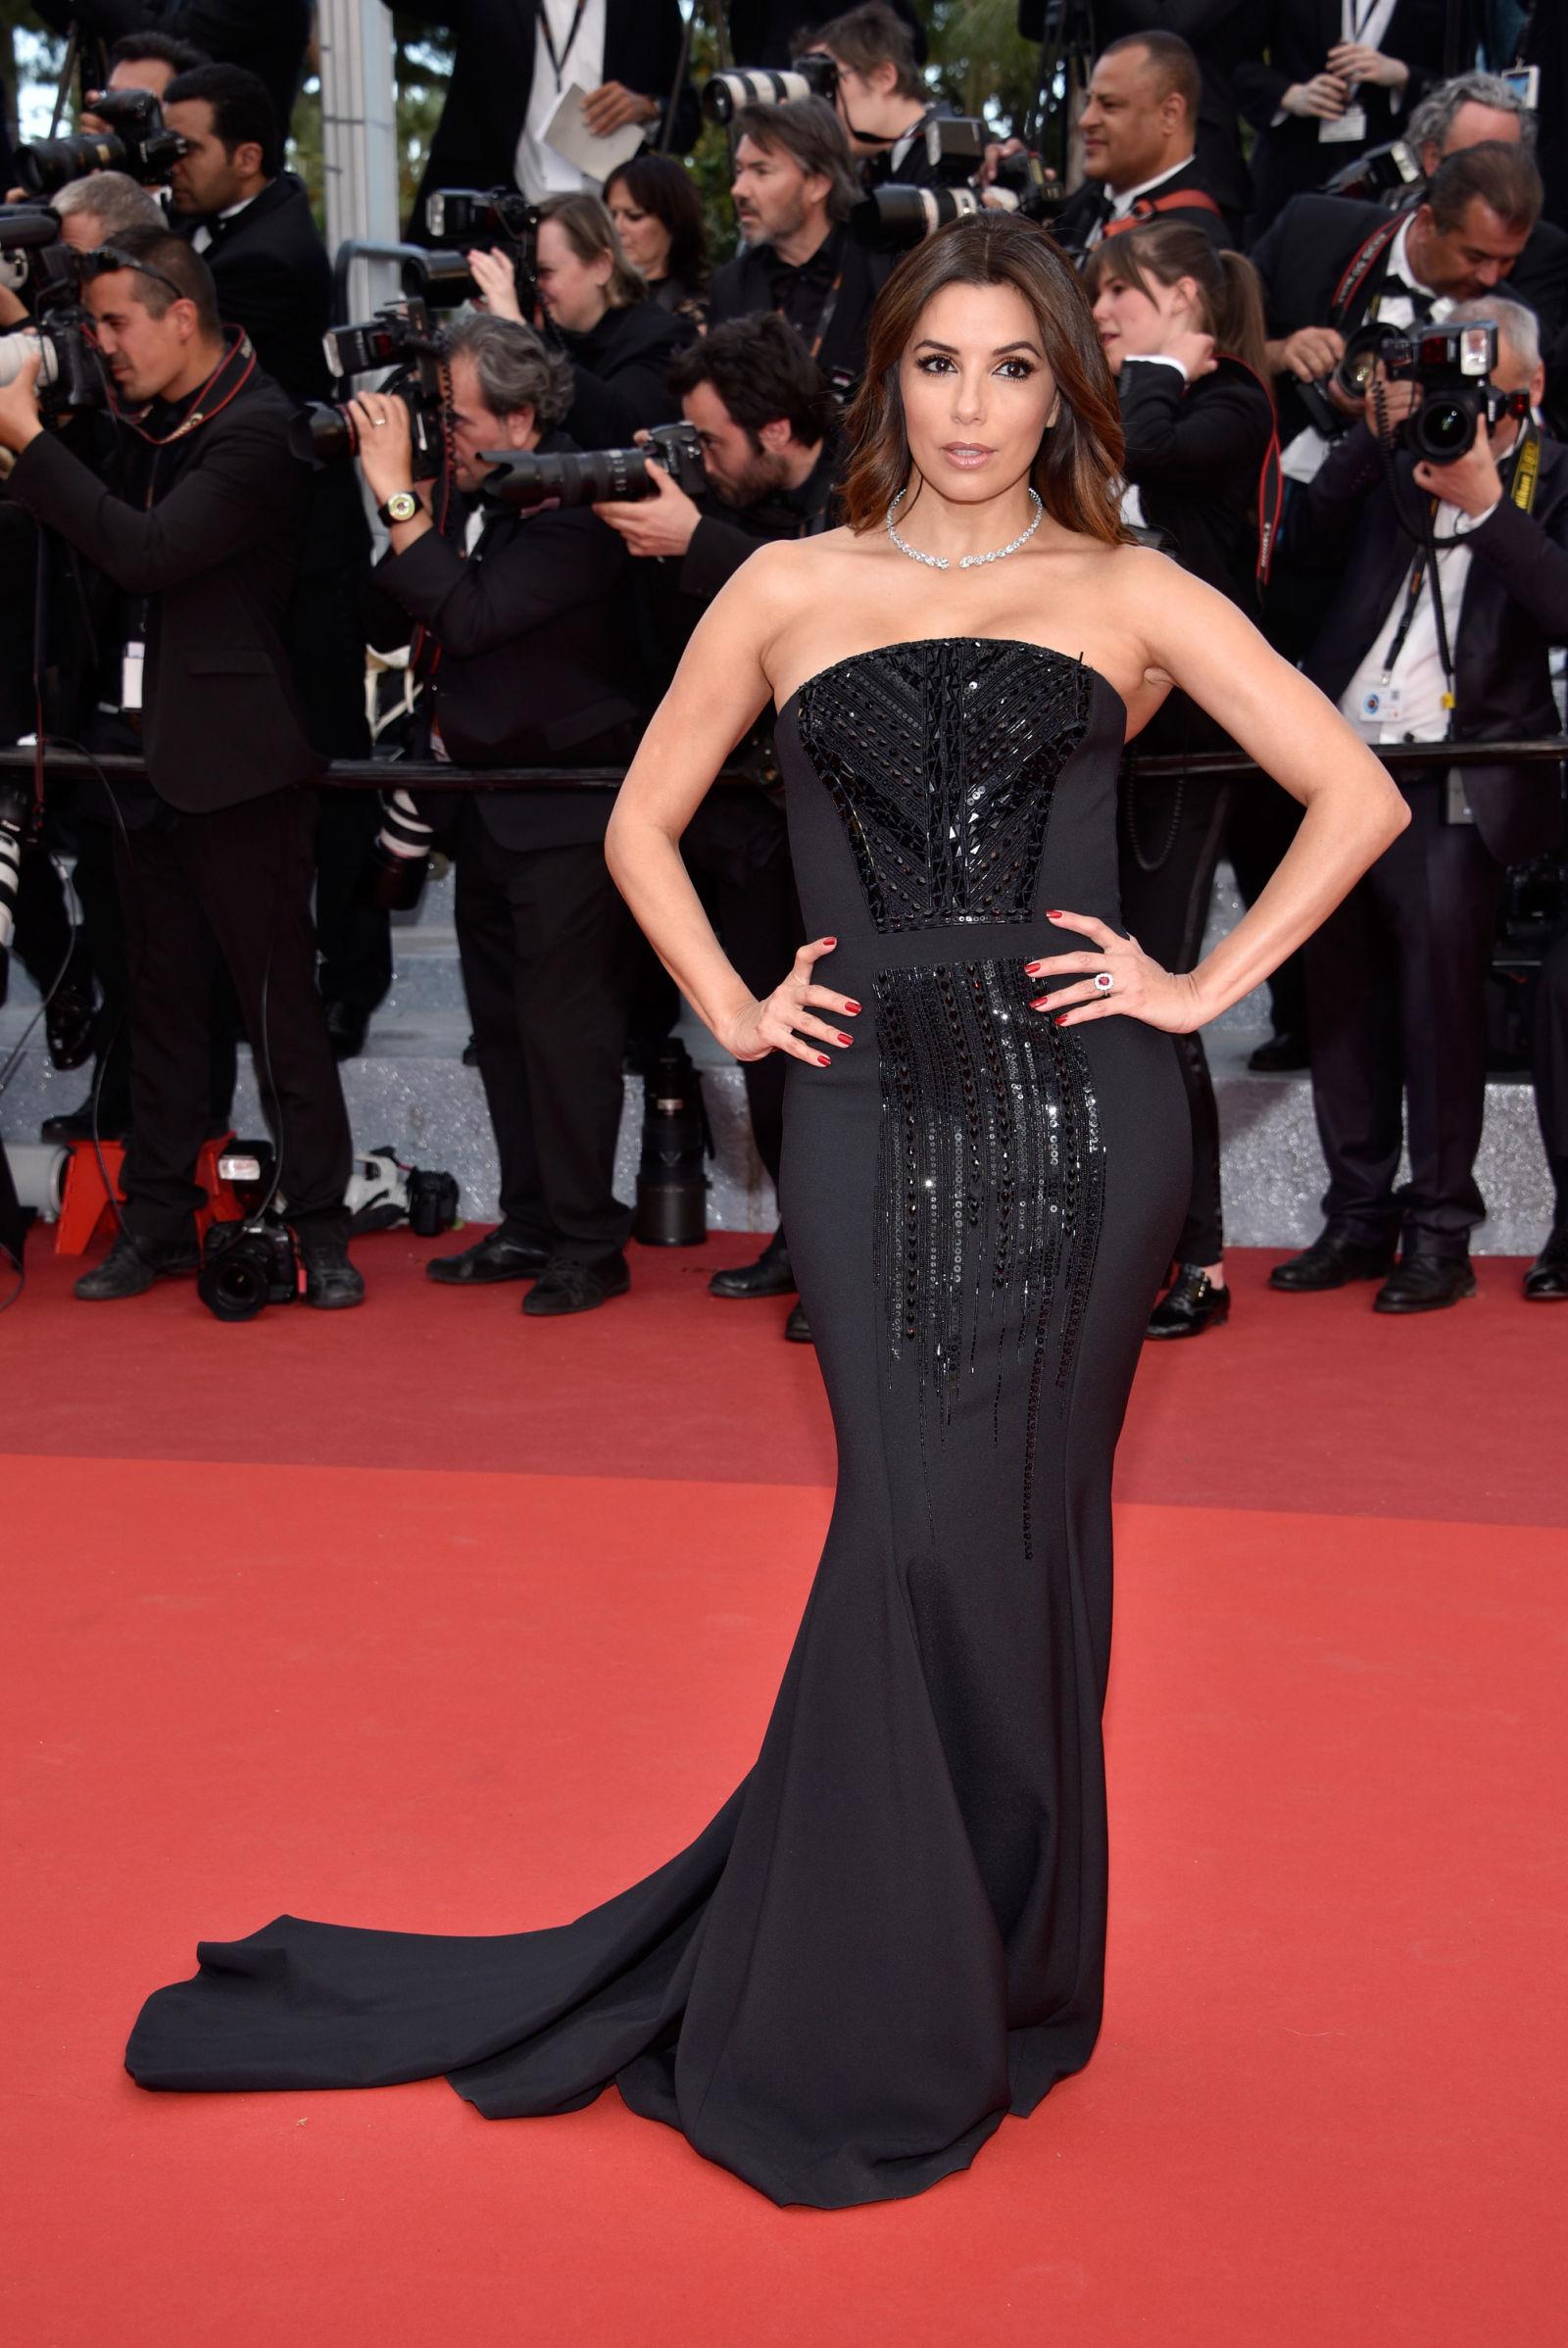 Eva Longoria hairstyles Cannes 2016